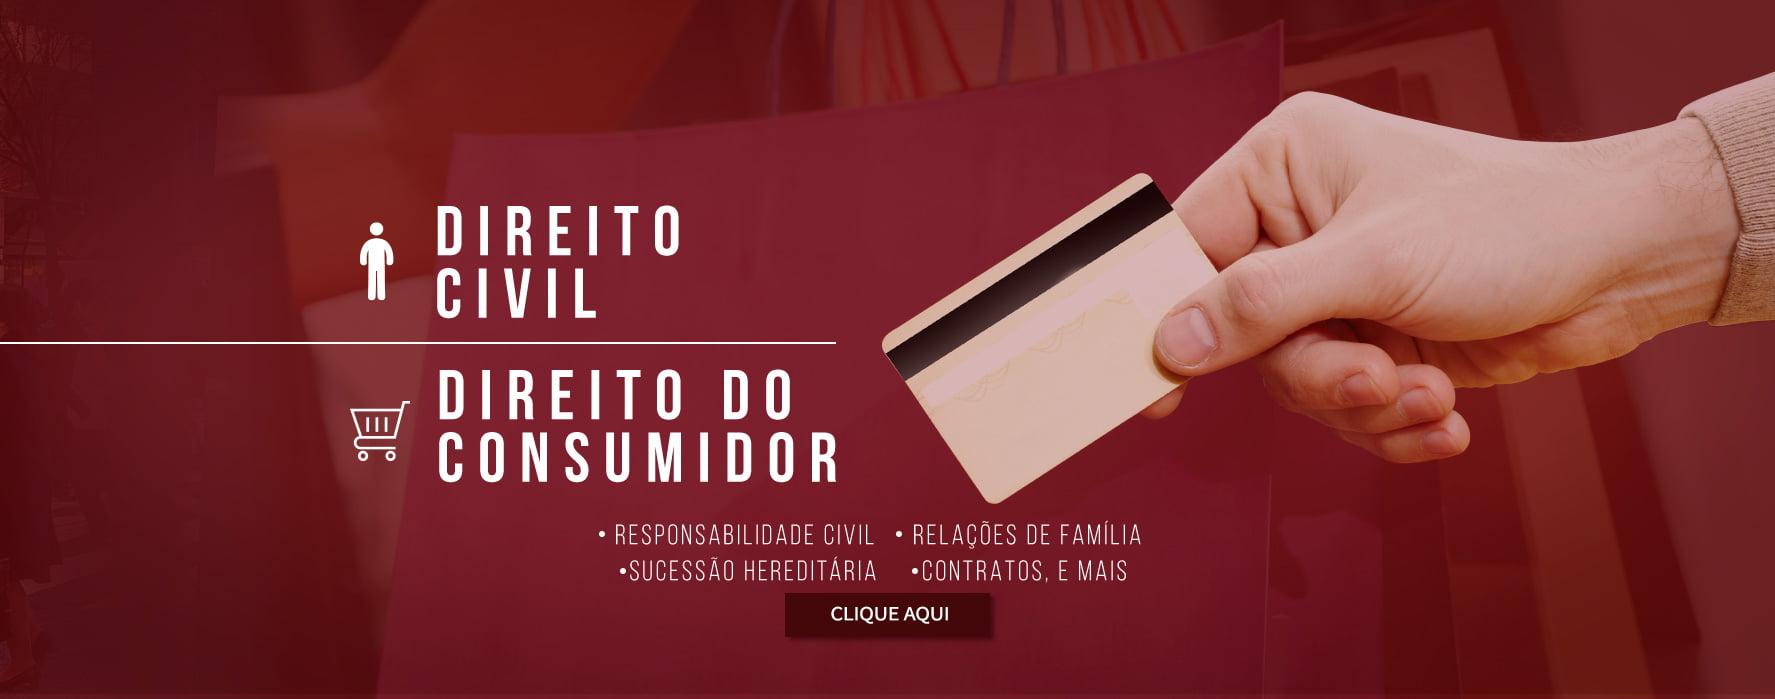 advogados Guarapuava - direito civil e direito do consumidor